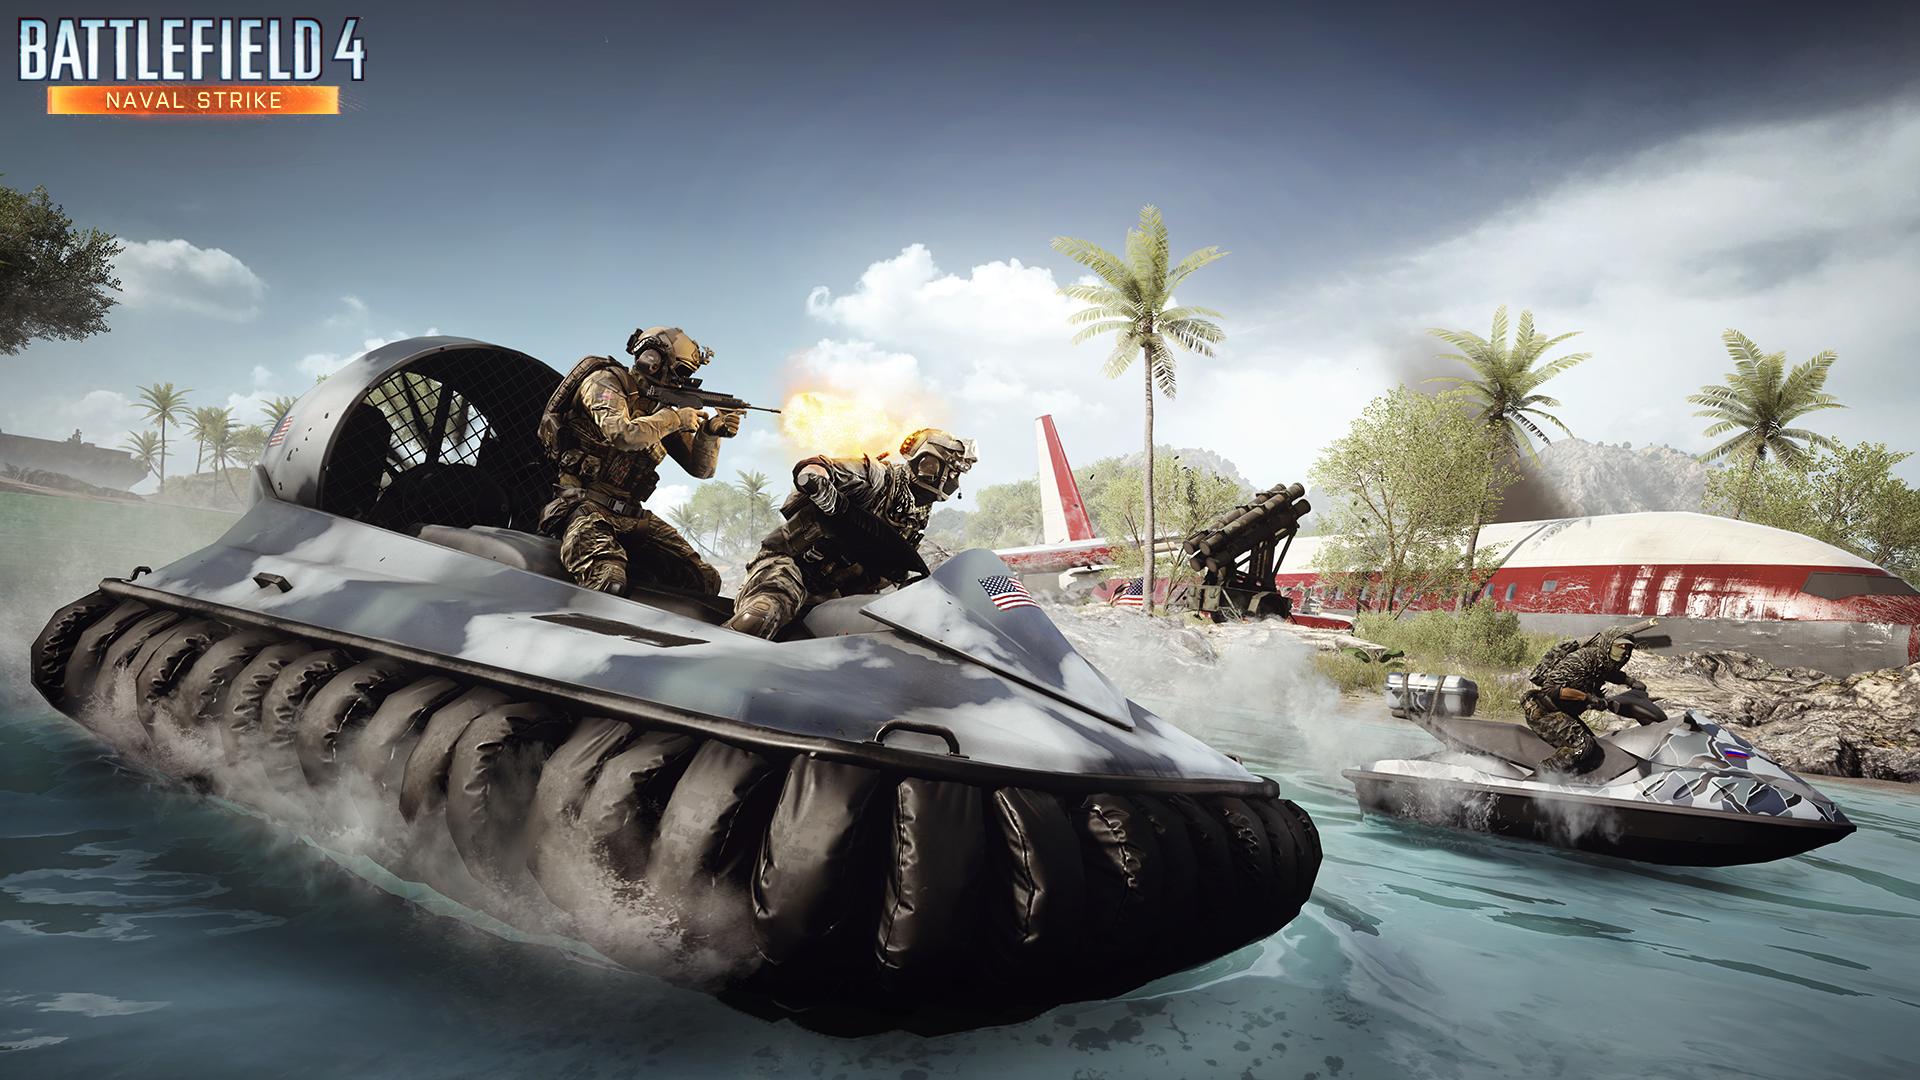 battlefield-4-naval-strike.png